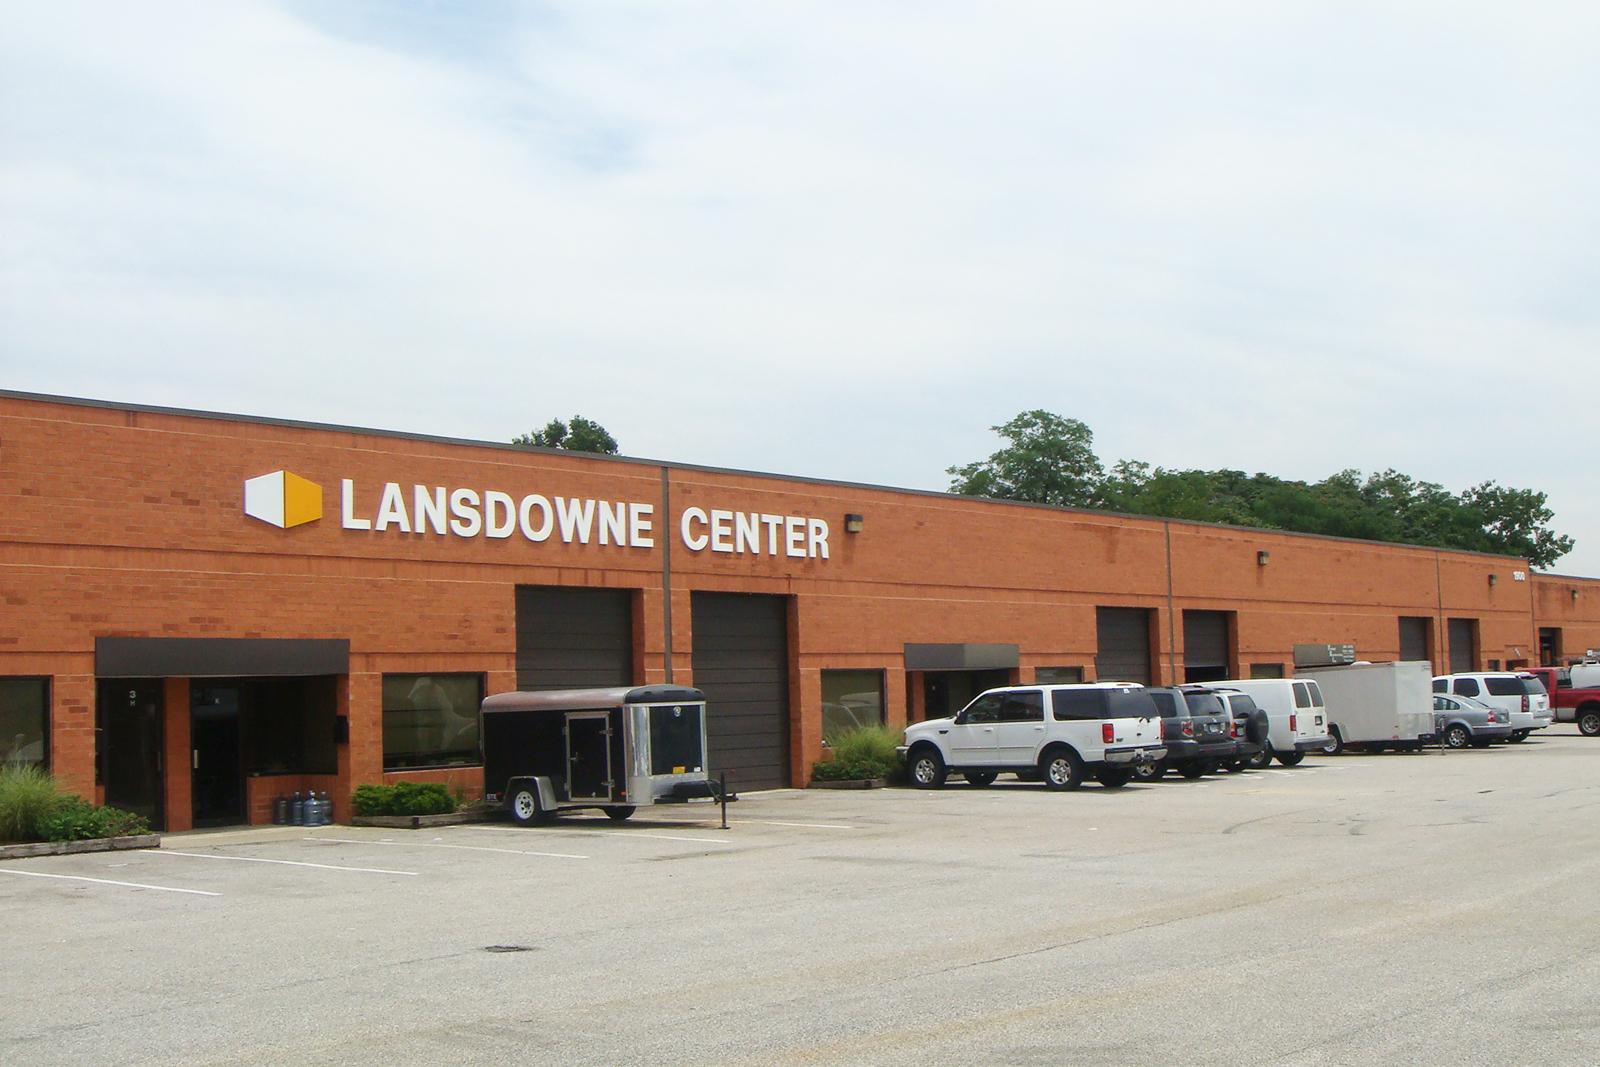 Lansdowne Center Lansdowne Md Flex Space St John